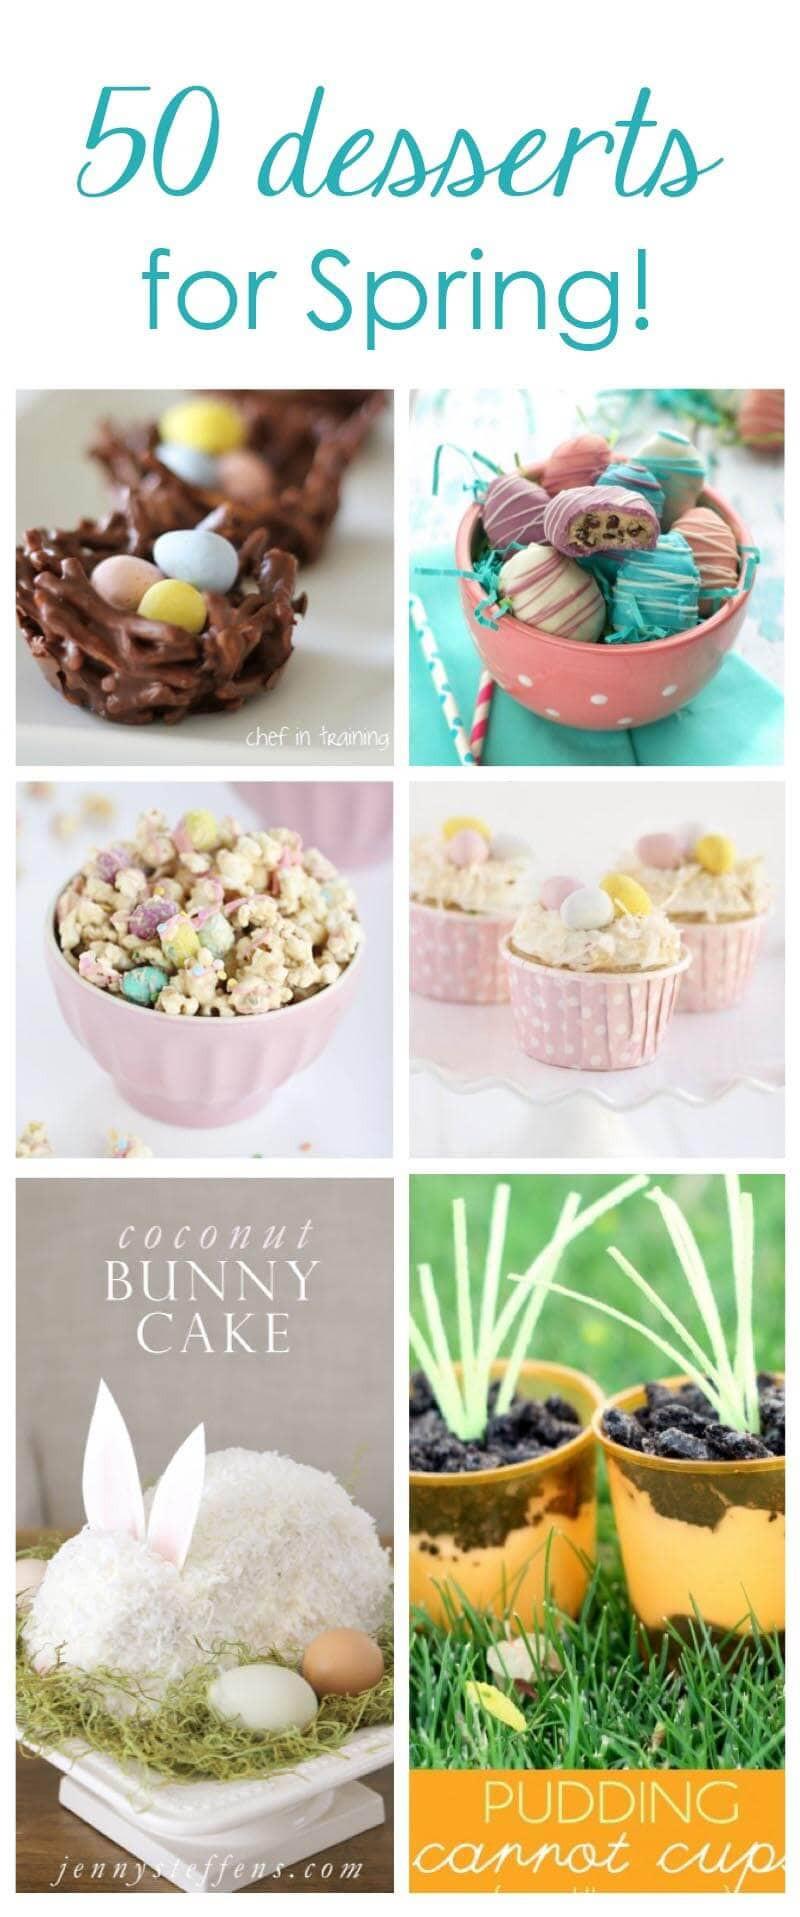 Best Easter Desserts  50 Easter desserts